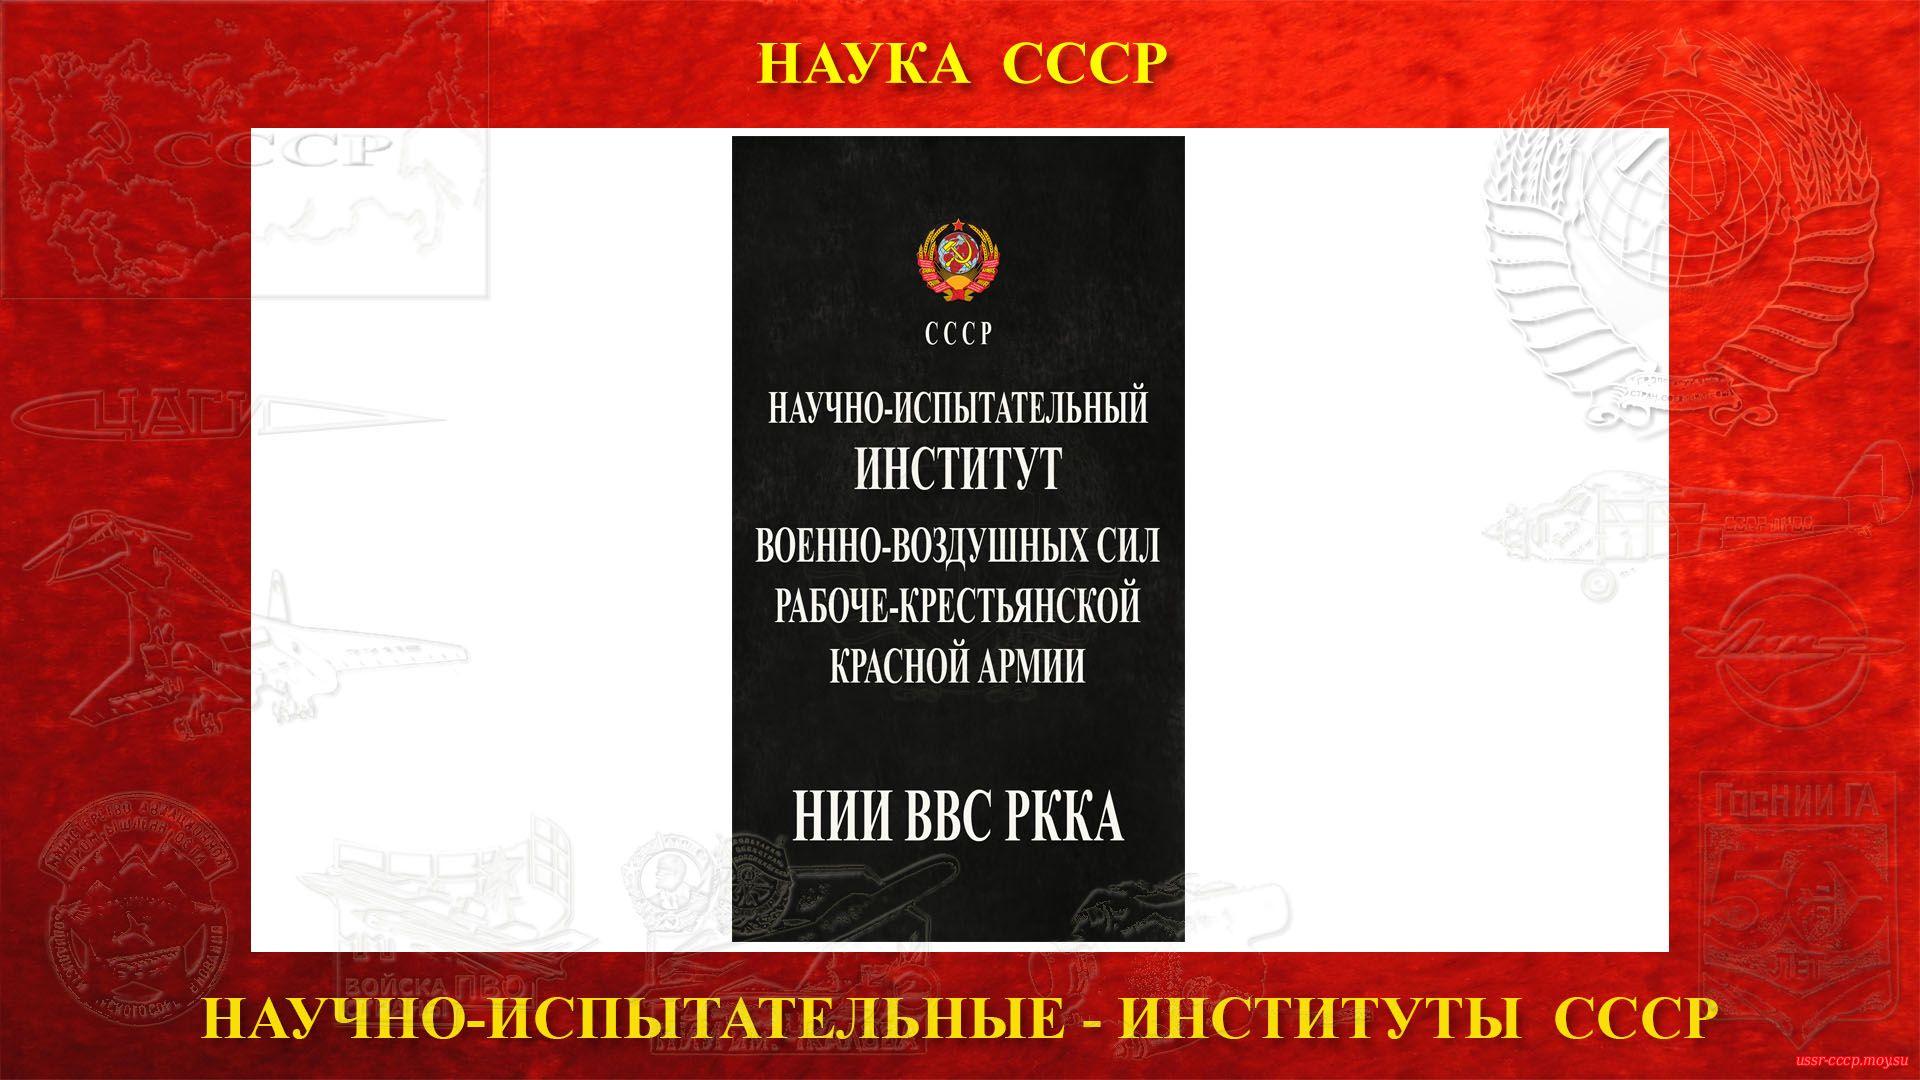 НИИ ВВС РККА — Научно-испытательный институт Военно-воздушных сил Рабоче-Крестьянской Красной Армии